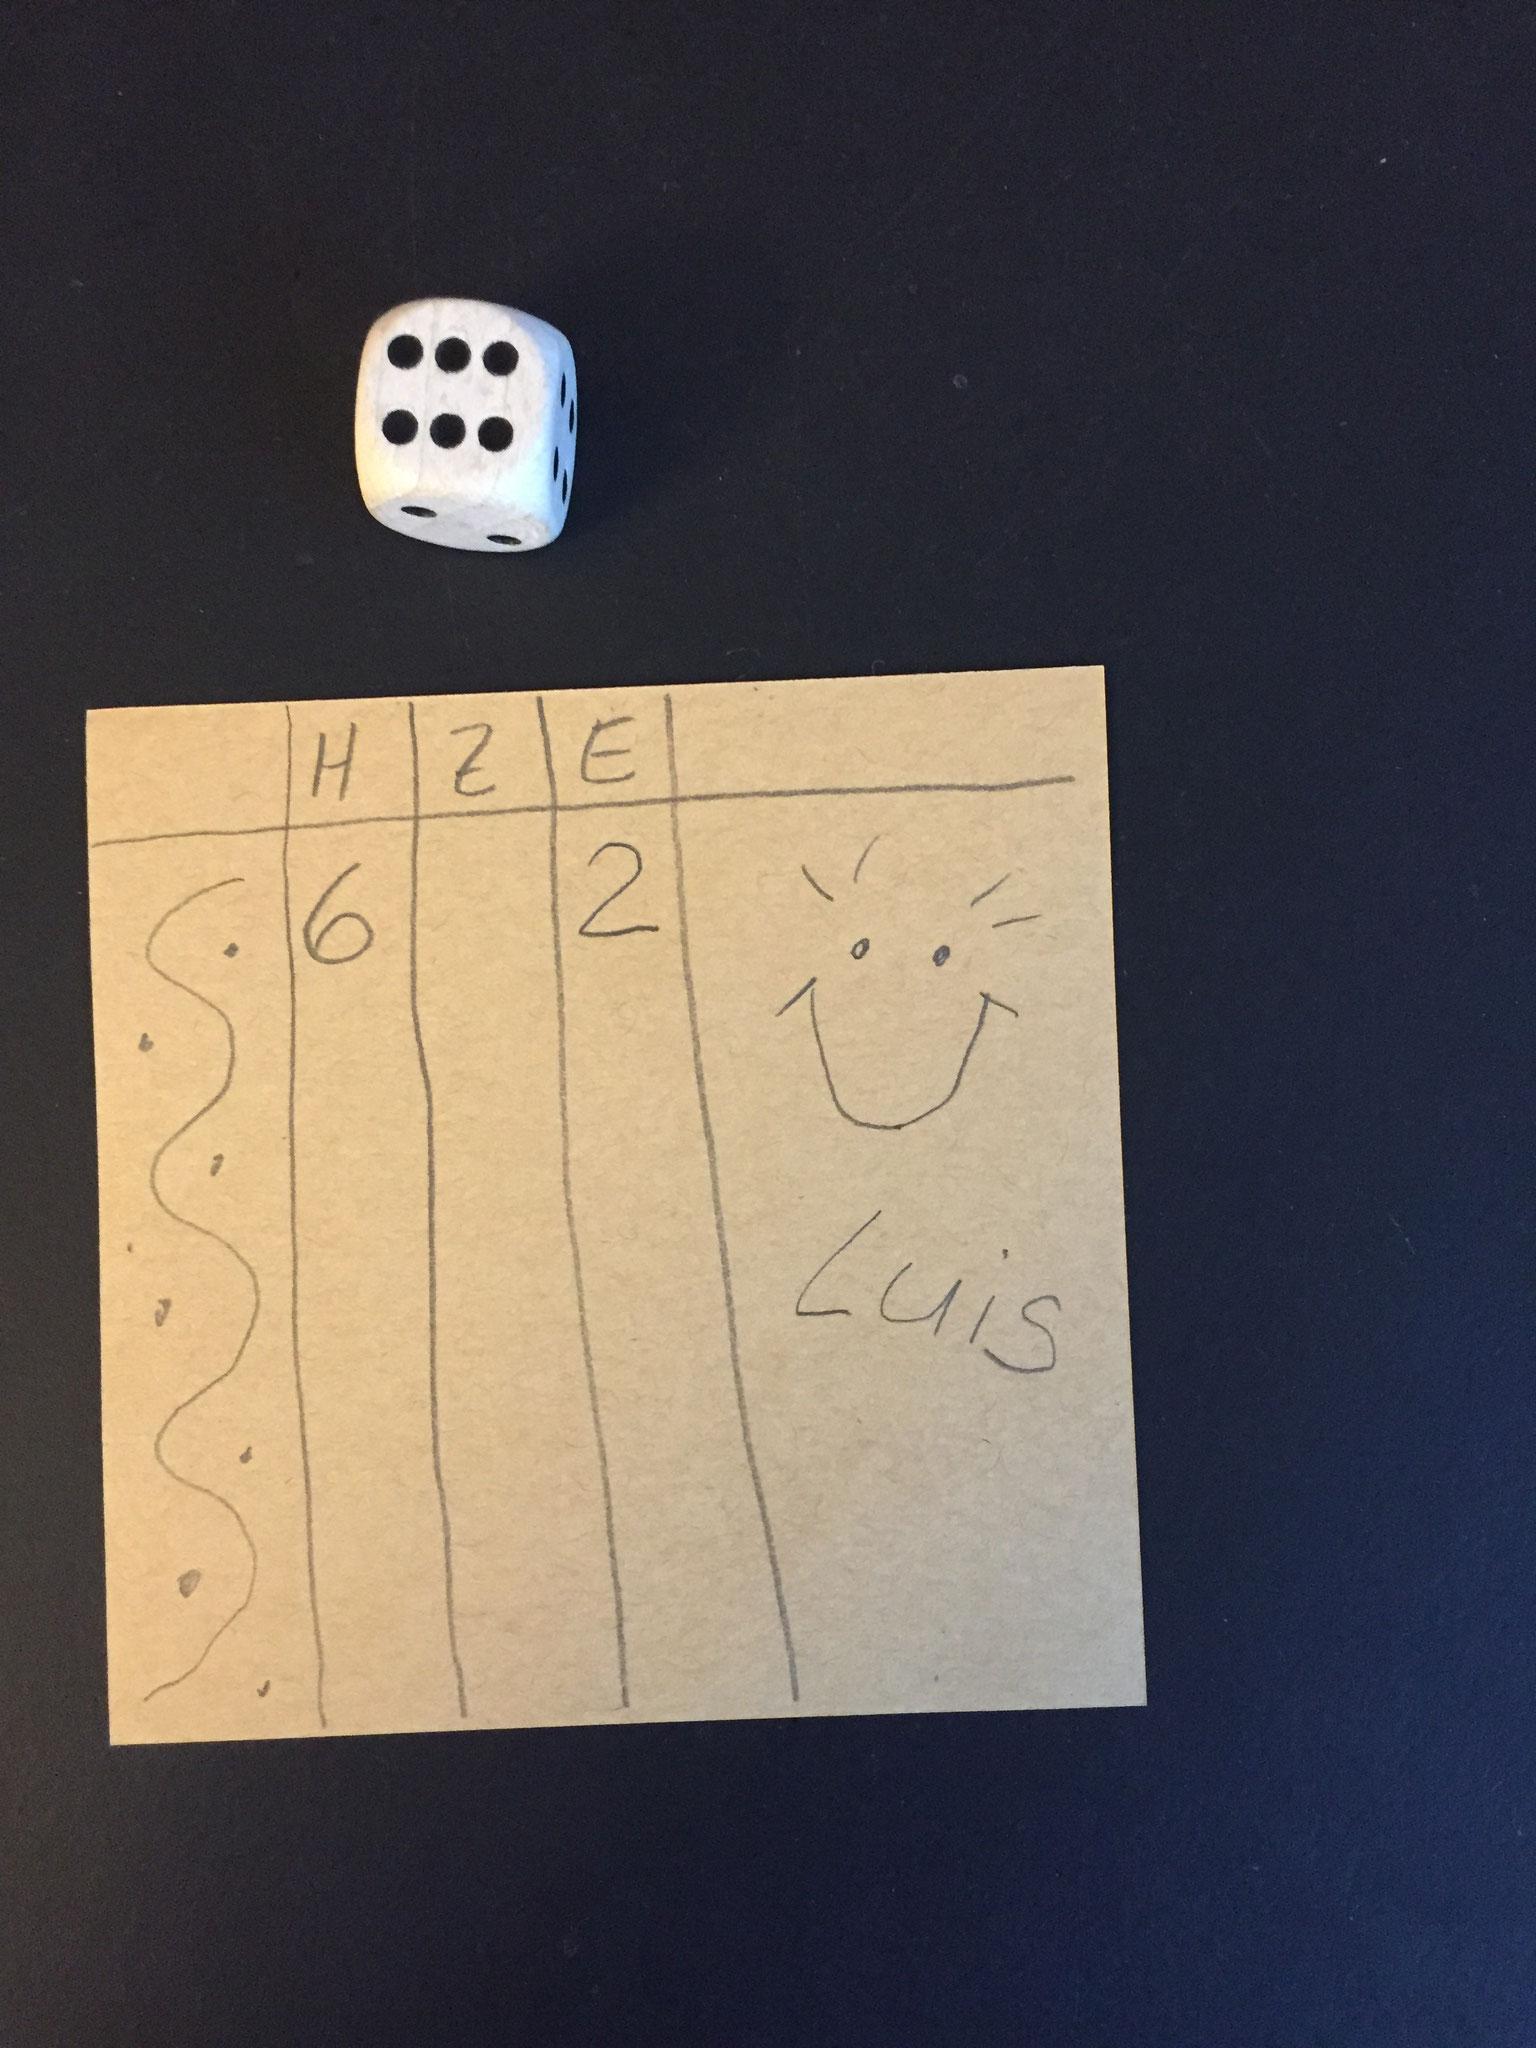 Luis würfelt jetzt eine 6. Die grösste Zahl, er schreibt sie in die Hunderter Spalte.